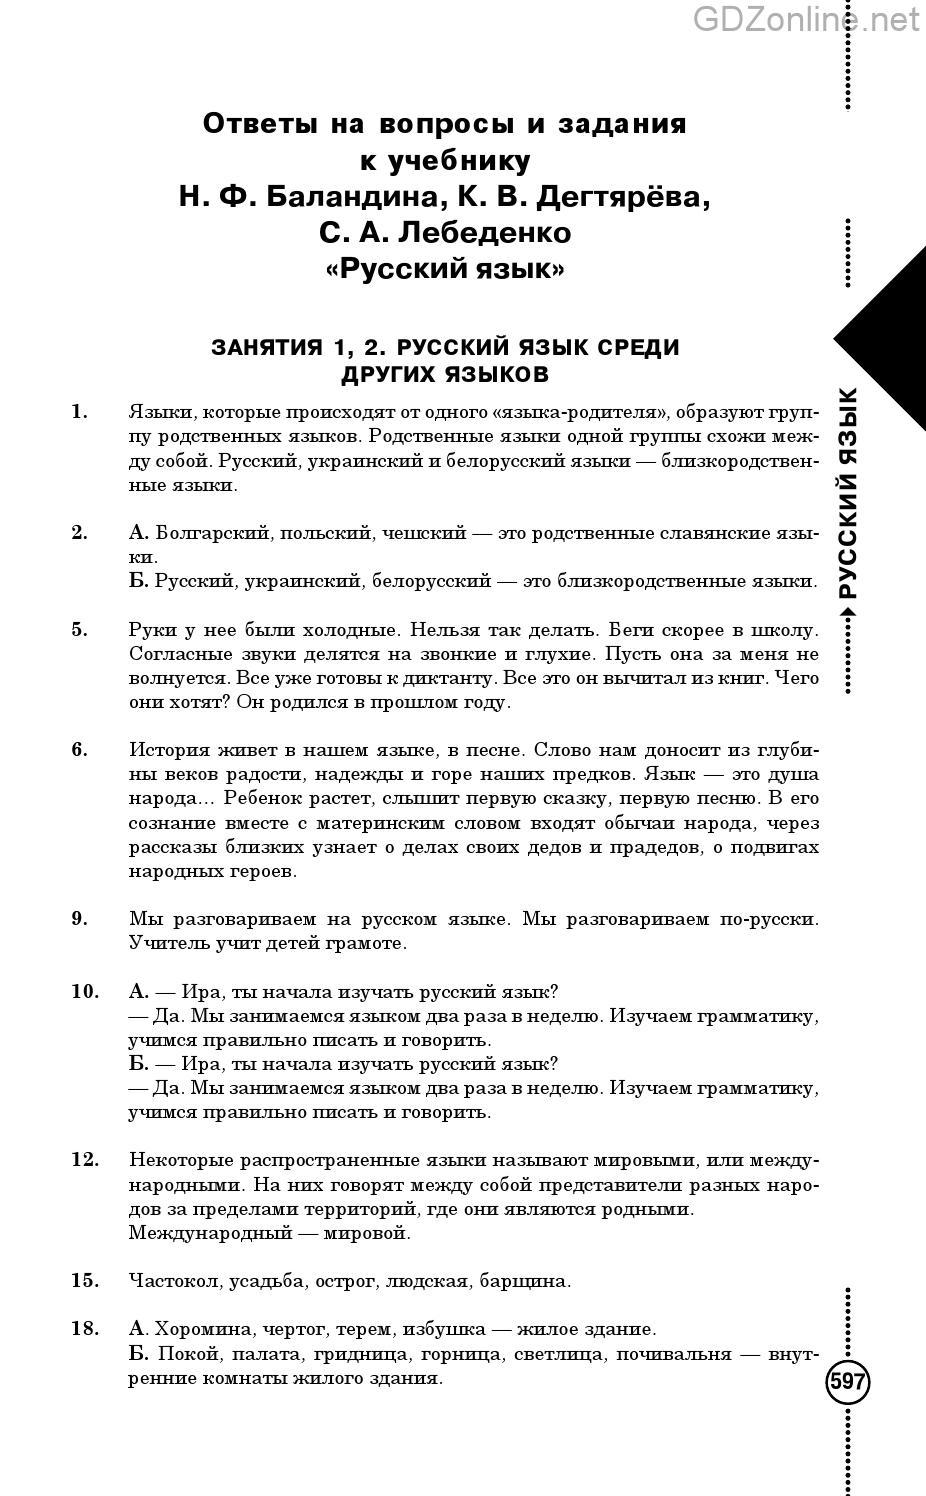 гдз по русскому языку 6 класс дегтярева баландина лебеденко дегтярёва